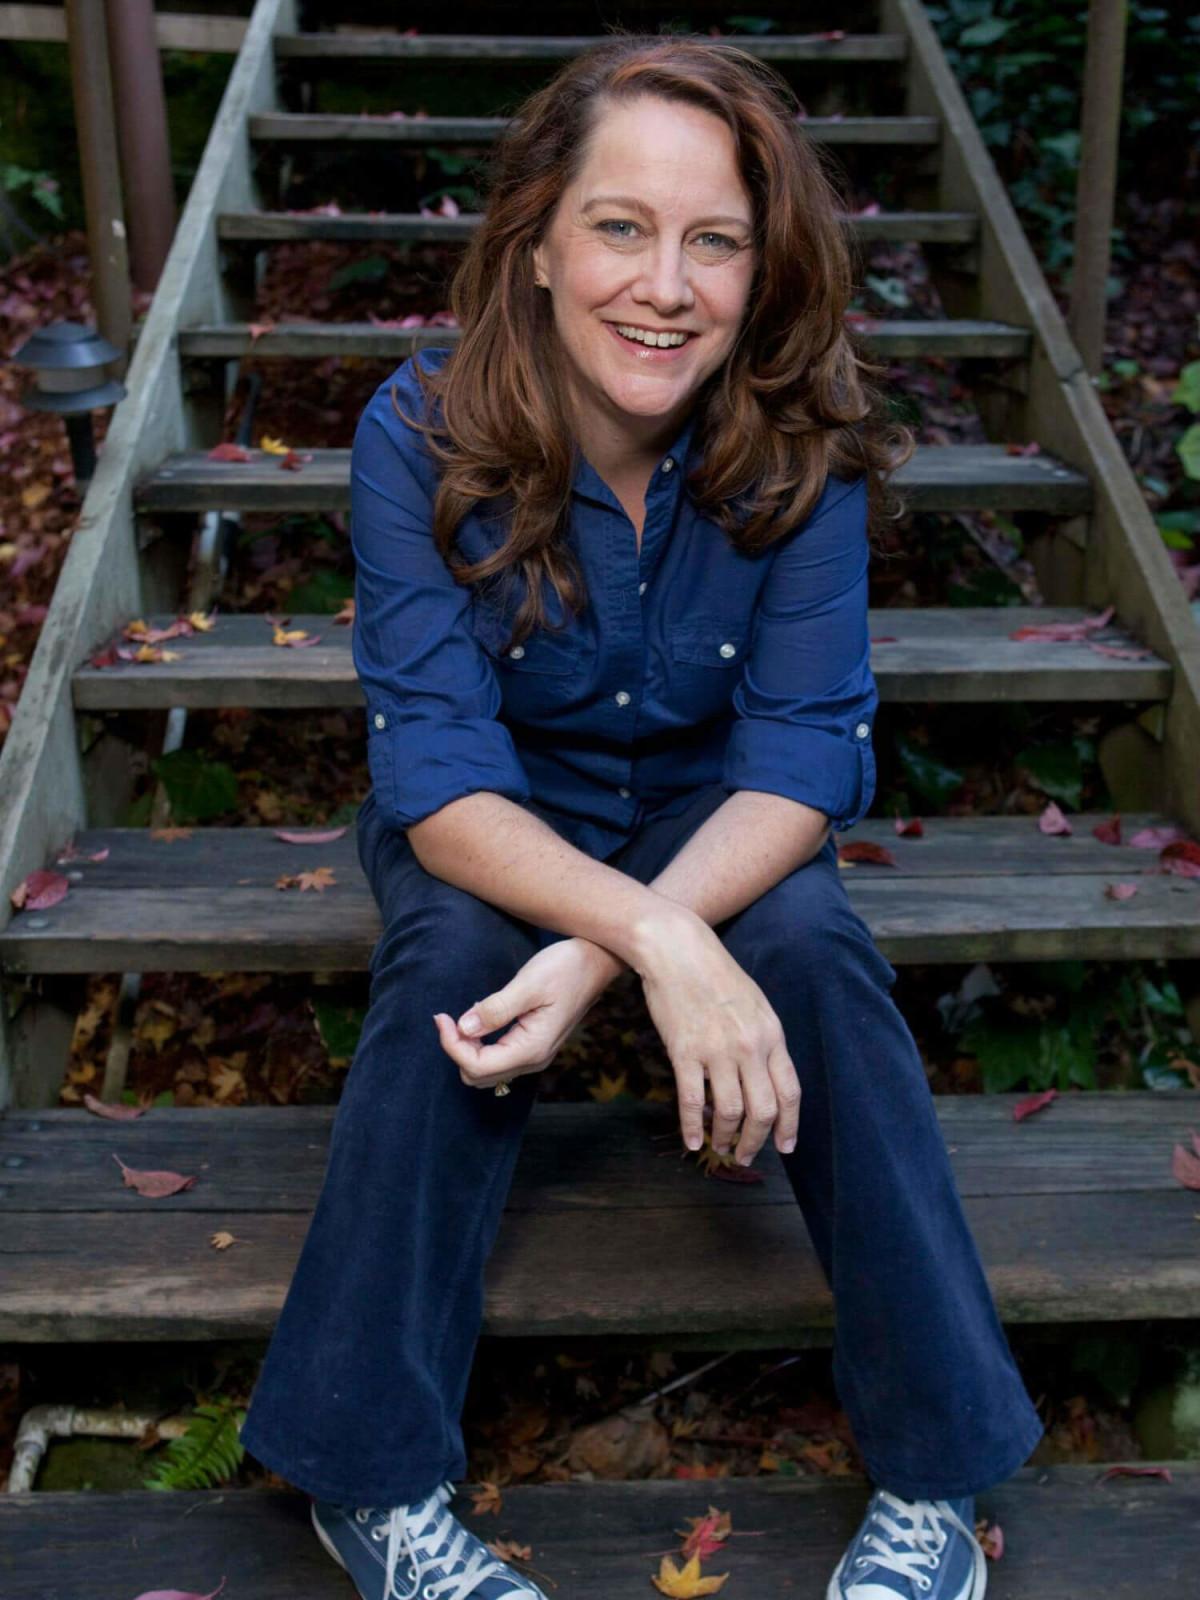 Kelly Carlin